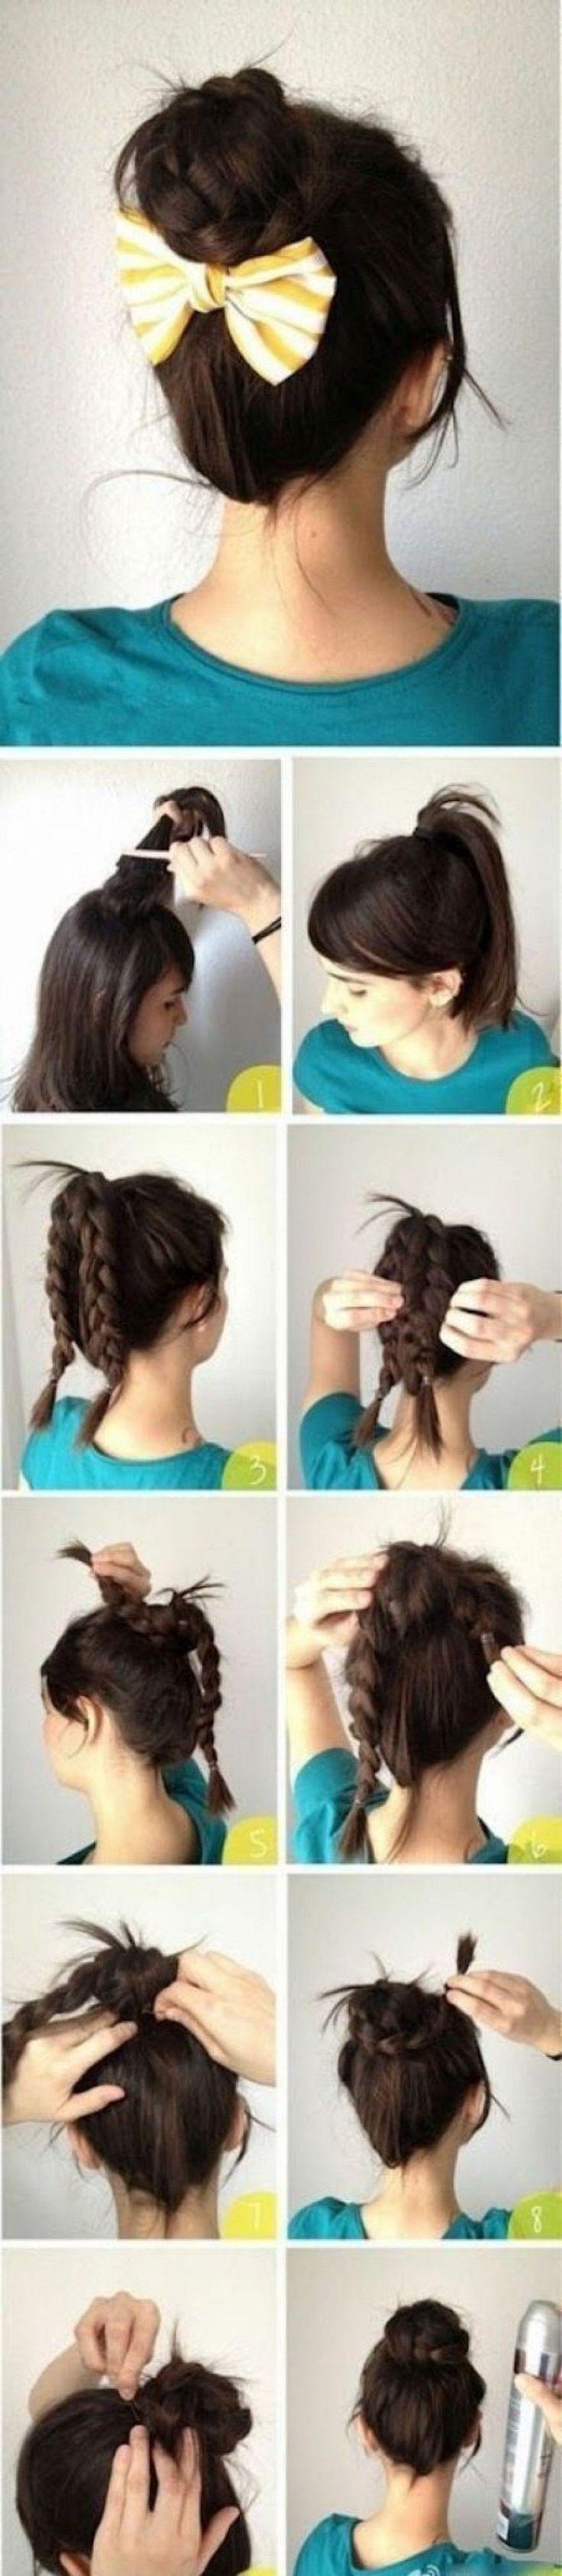 Vielleicht ist dir schon einmal aufgefallen dass indische Frauen immer mit ihren herrlichen langen Haaren für Aufmerksamkeit sorgen